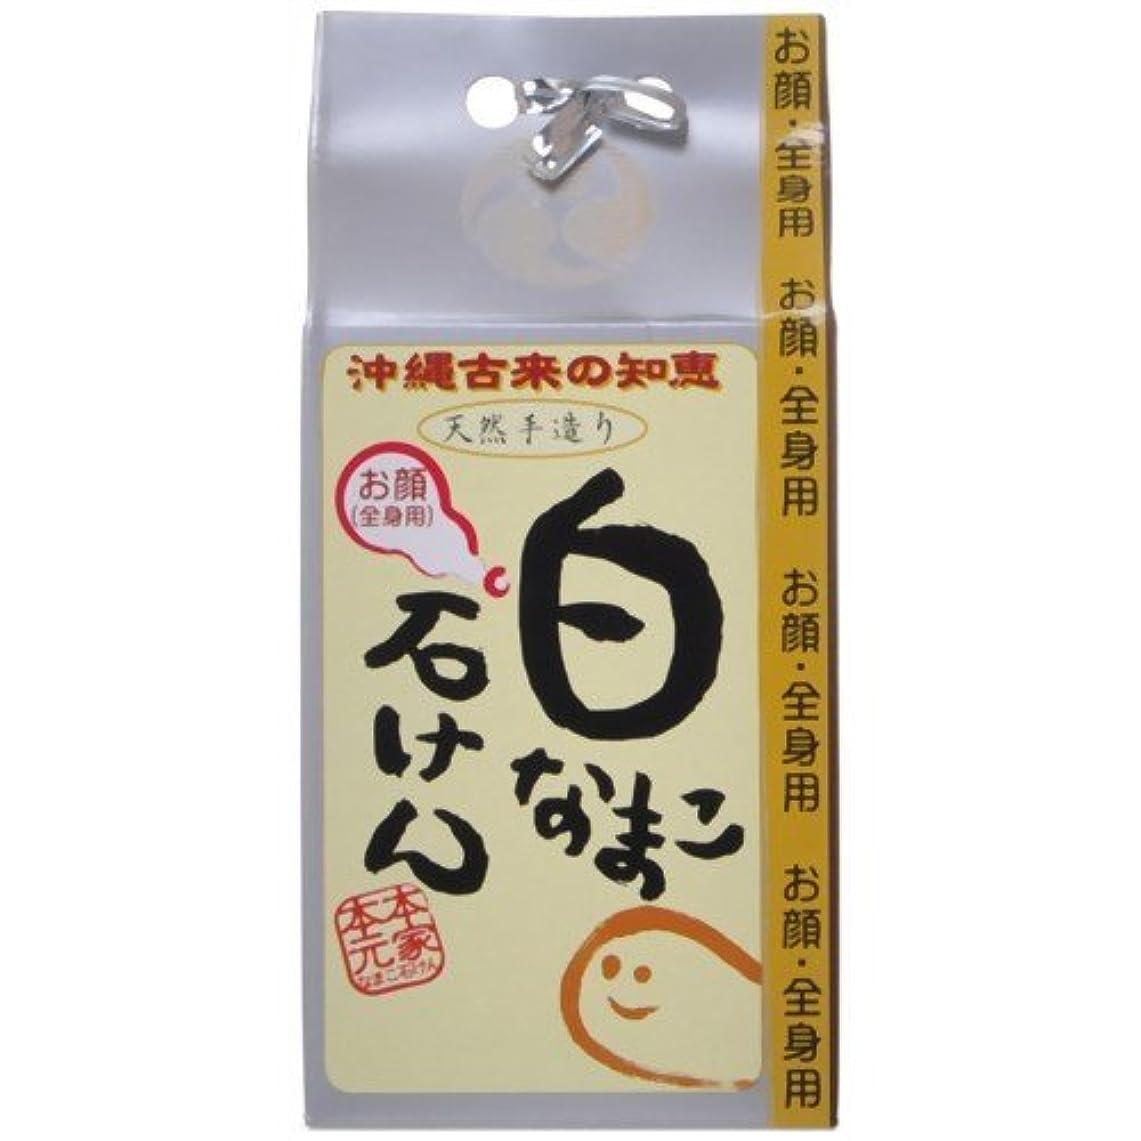 イブニング乳剤公爵白なまこ石鹸 90g×5個